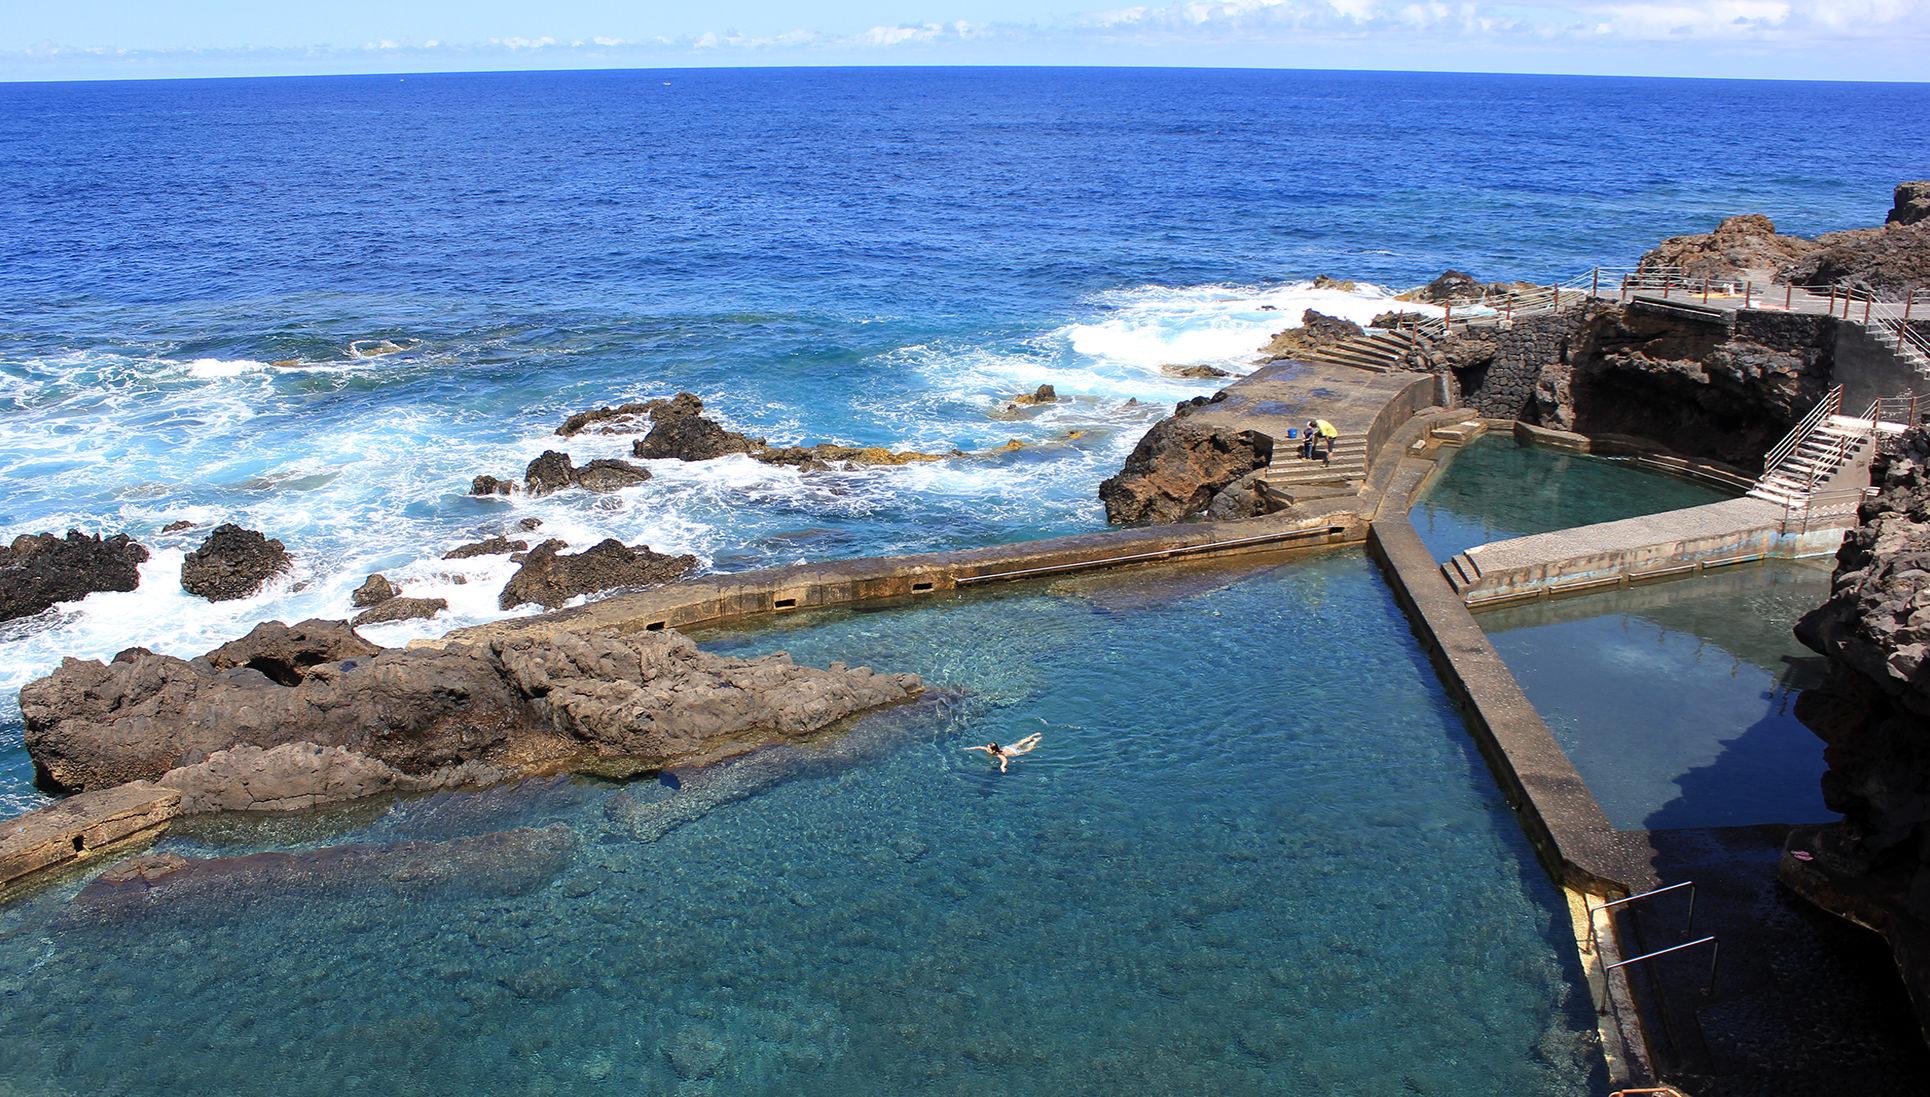 Vacanze alternative alle Canarie: l'isola de La Palma